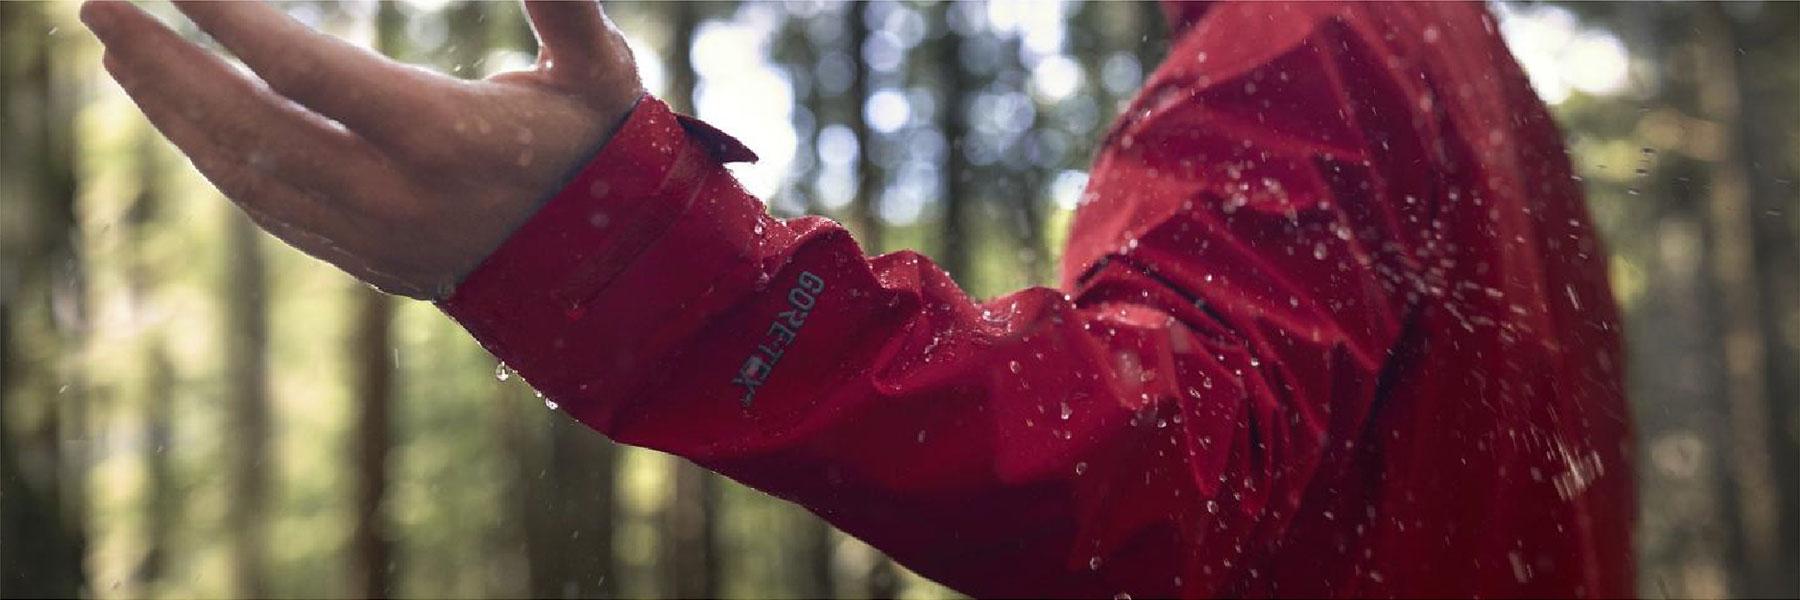 Gore-Tex Jacket Showing Waterproof